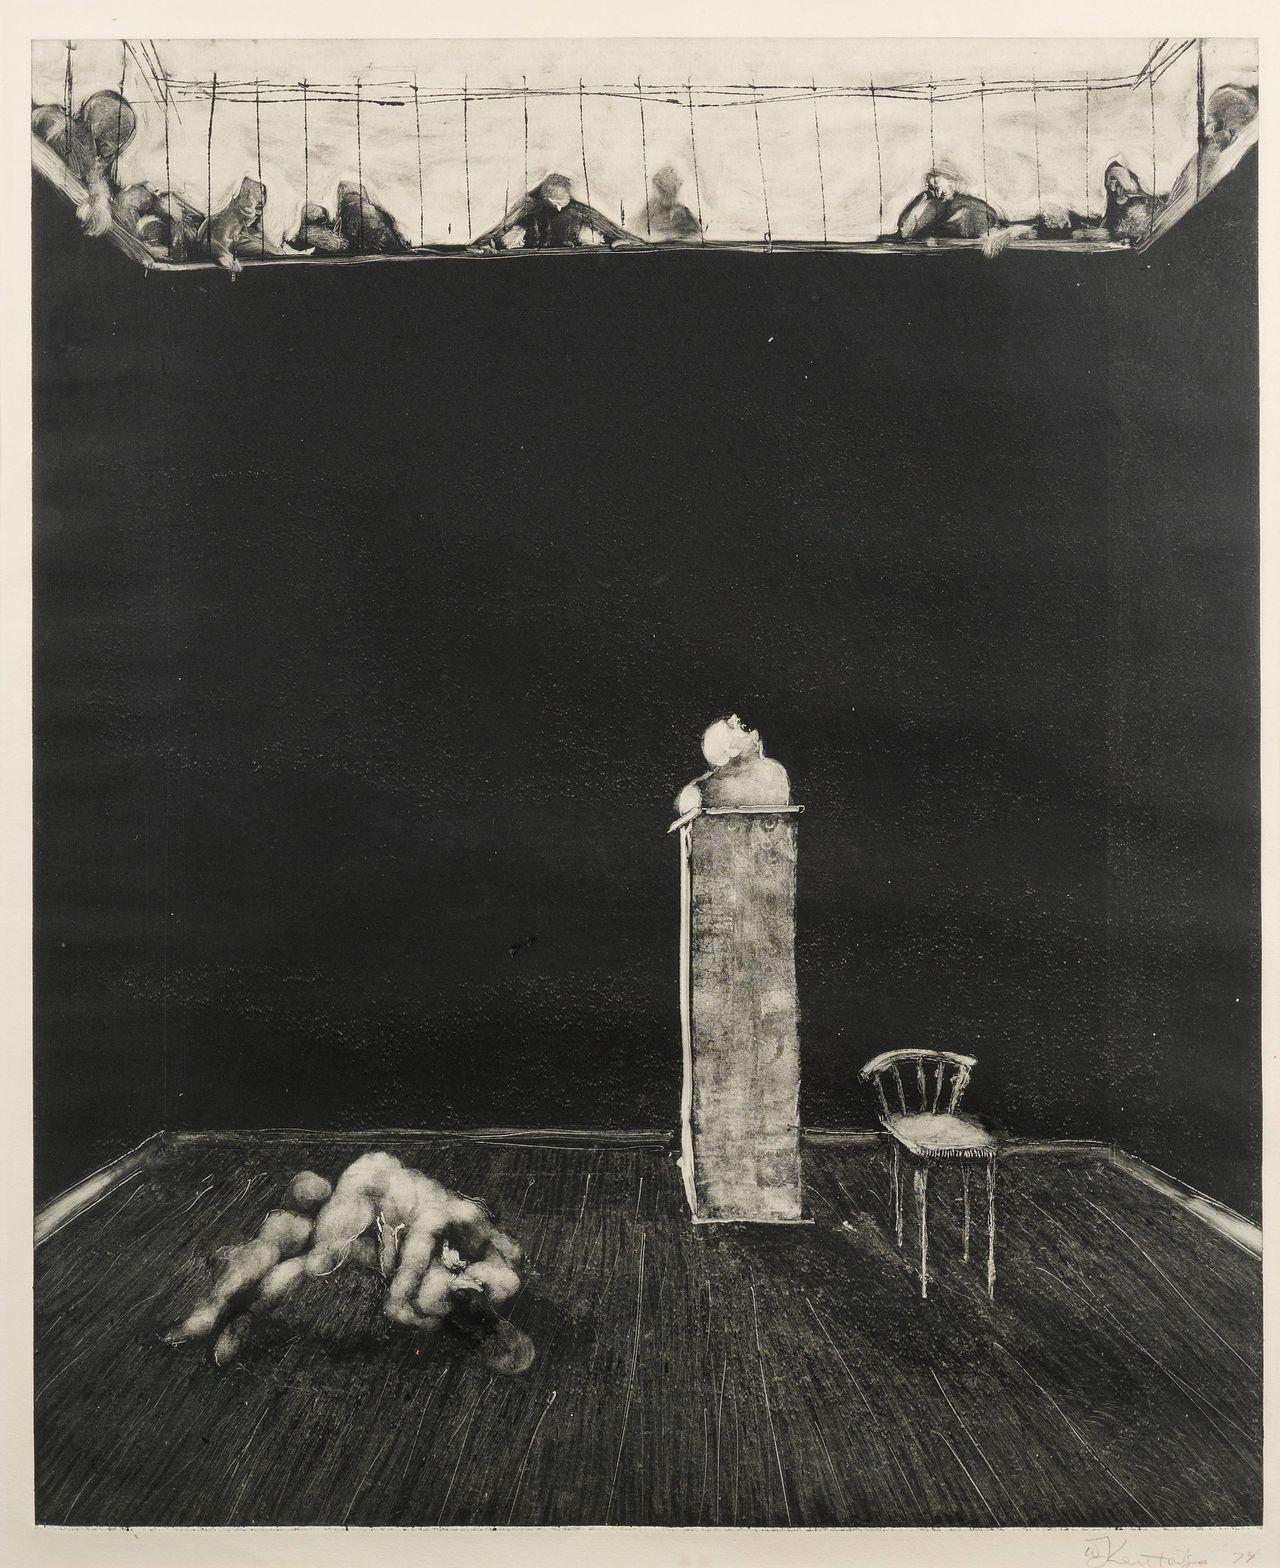 """""""The Pit,"""" William Joseph Kentridge"""